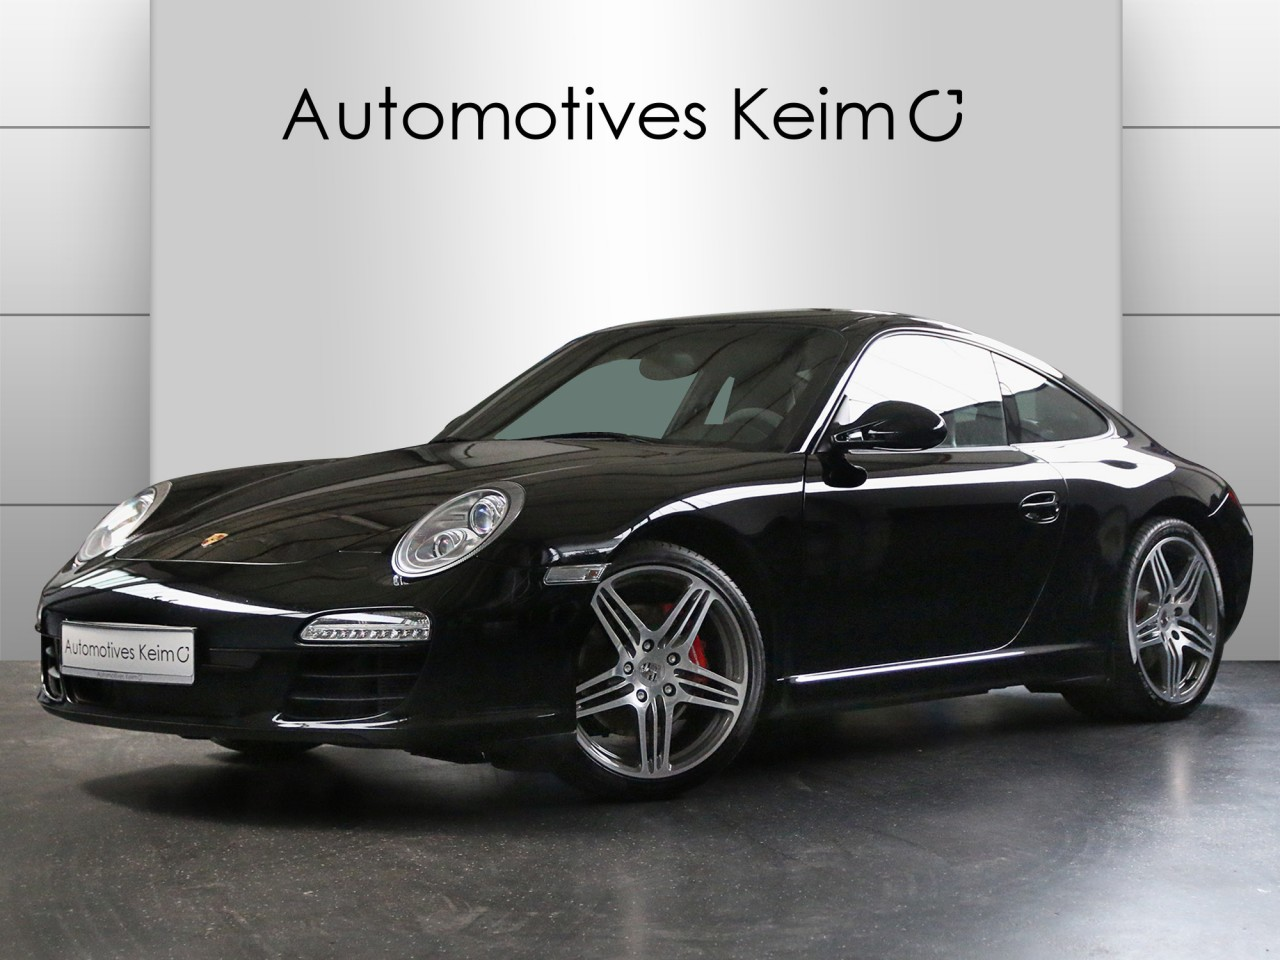 PORSCHE_911_997_Automotives_Keim_GmbH_63500_Seligenstadt_www.automotives-keim.de_oliver_keim_000081